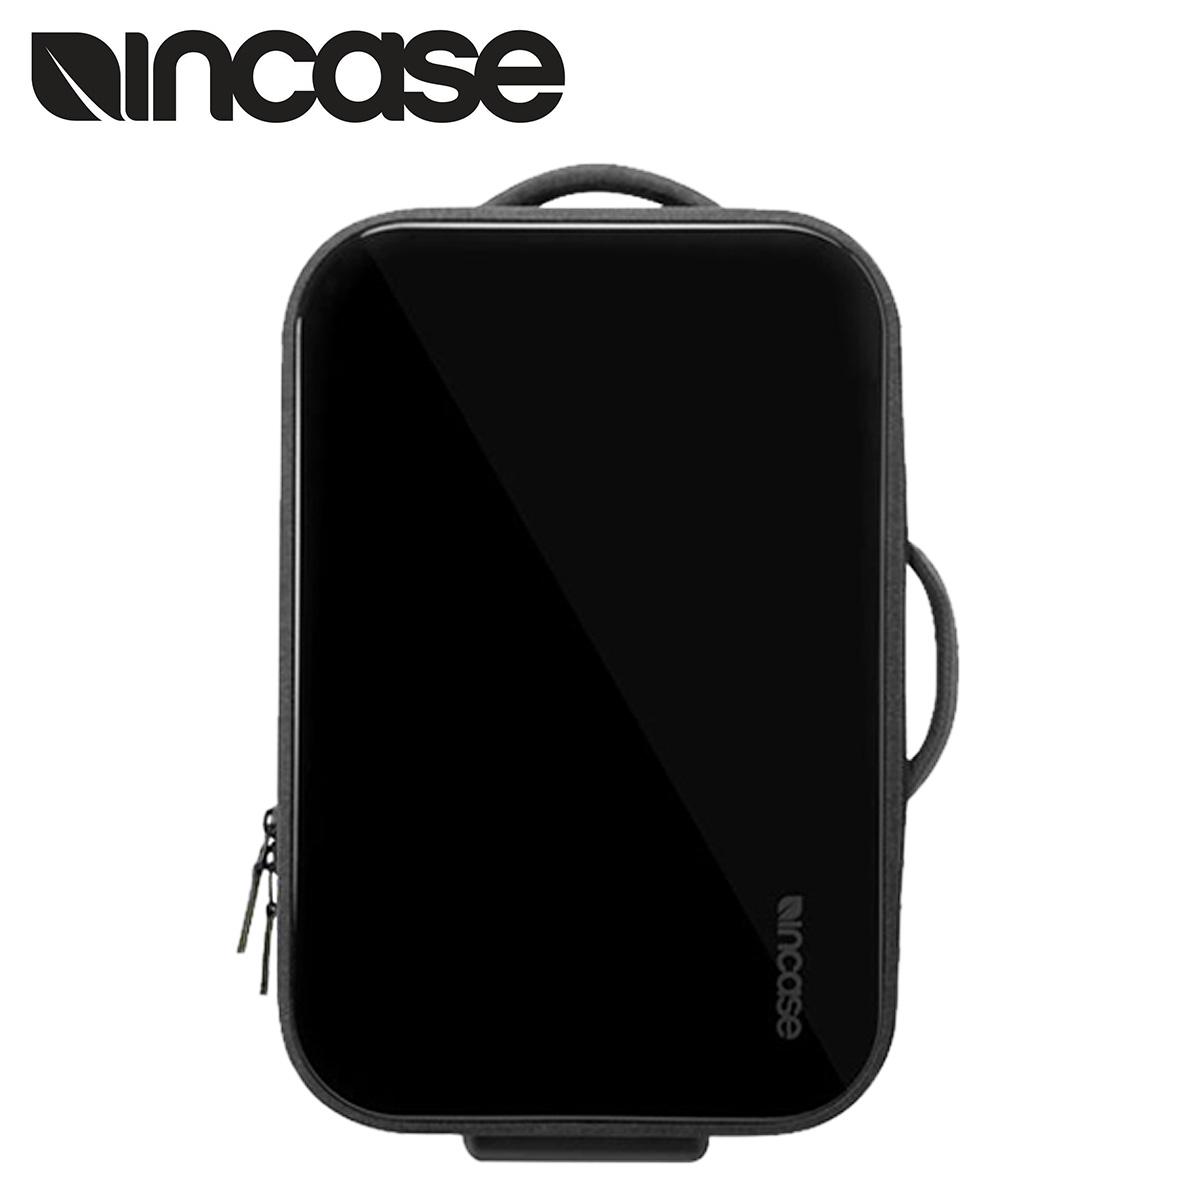 【最大2000円OFFクーポン】 INCASE インケース キャリーバッグ スーツケース キャリーケース CL90001 ブラック EO TRAVEL HARDSHELL ROLLER メンズ [4/10 再入荷]